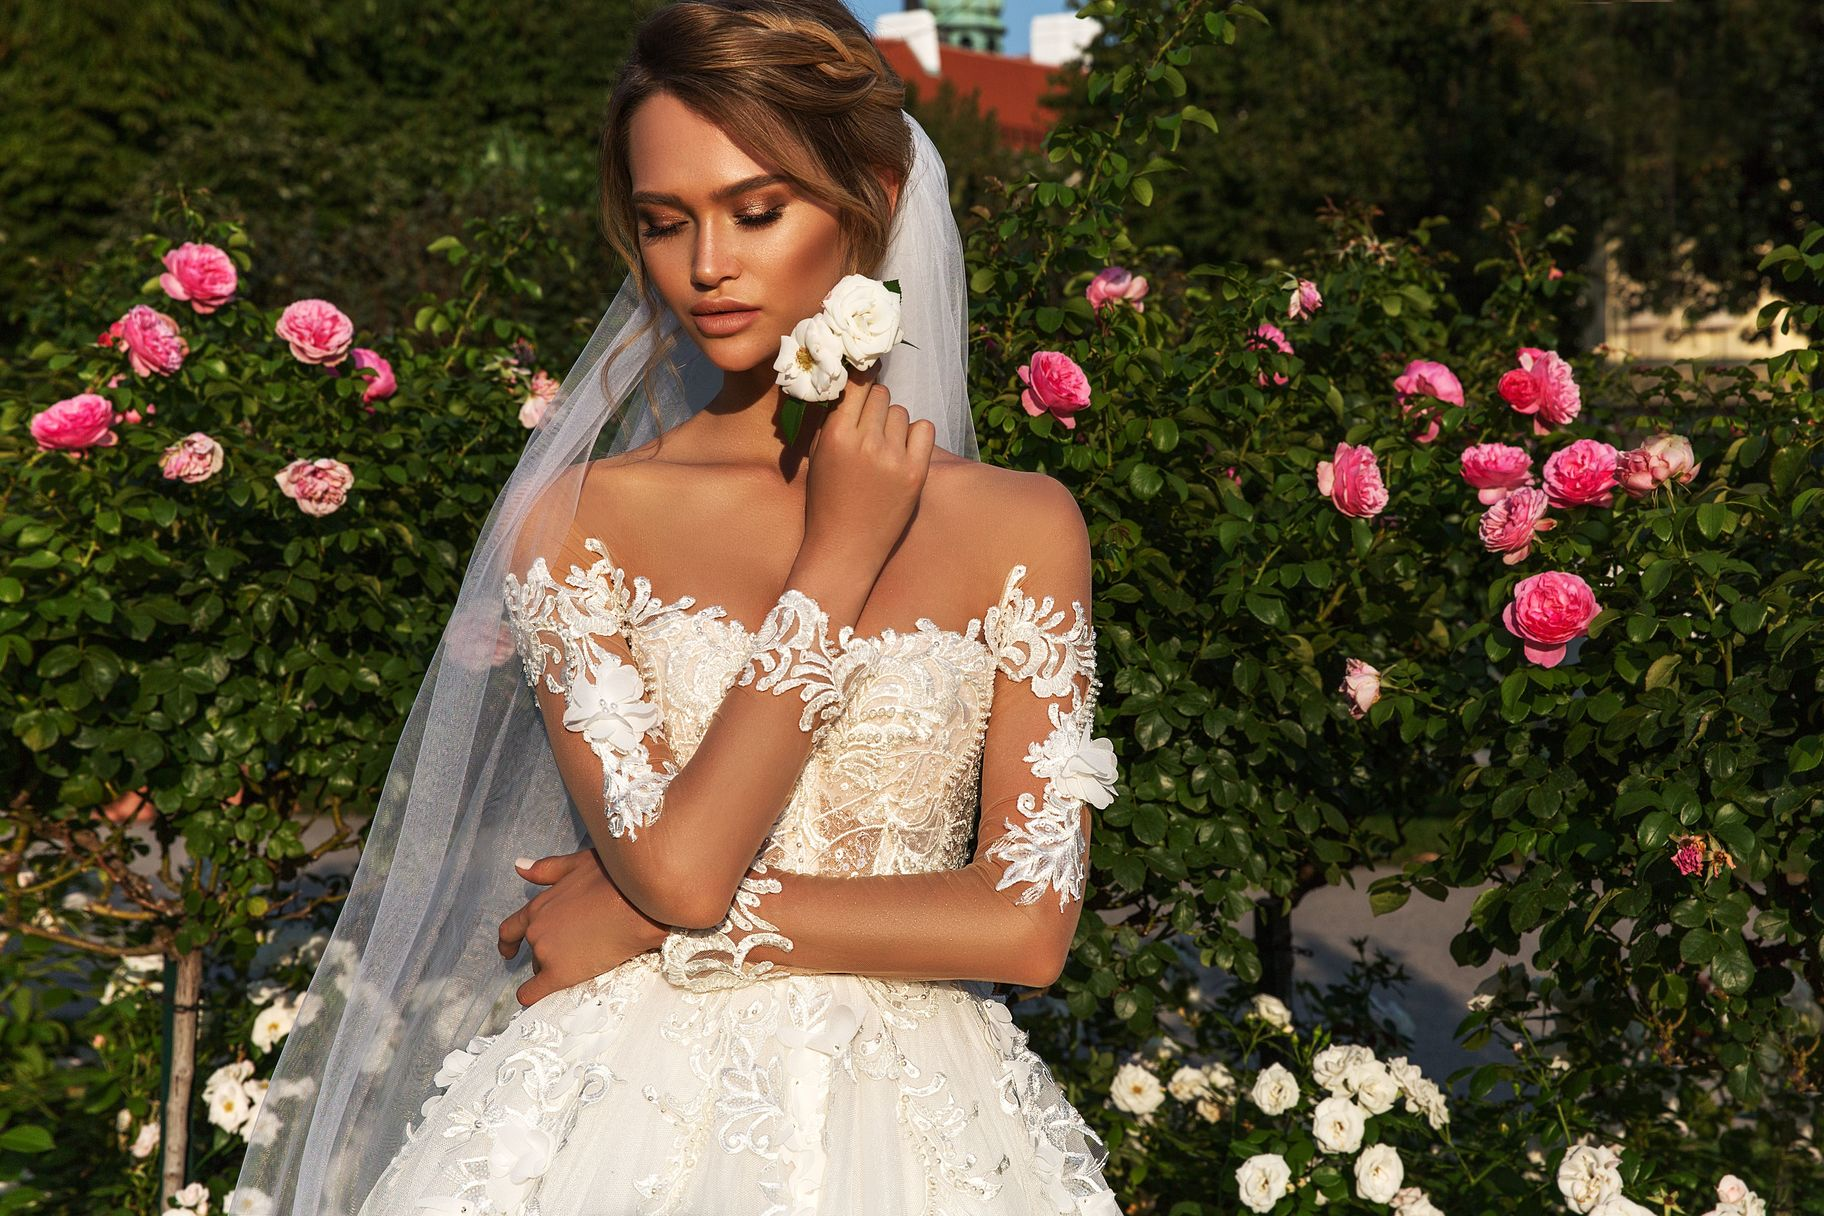 9e21684e2844694 Дизайнеры свадебных платьев стараются каждый сезон создавать новые модели.  Из богатого выбора невеста обязательно найдет свой наряд.